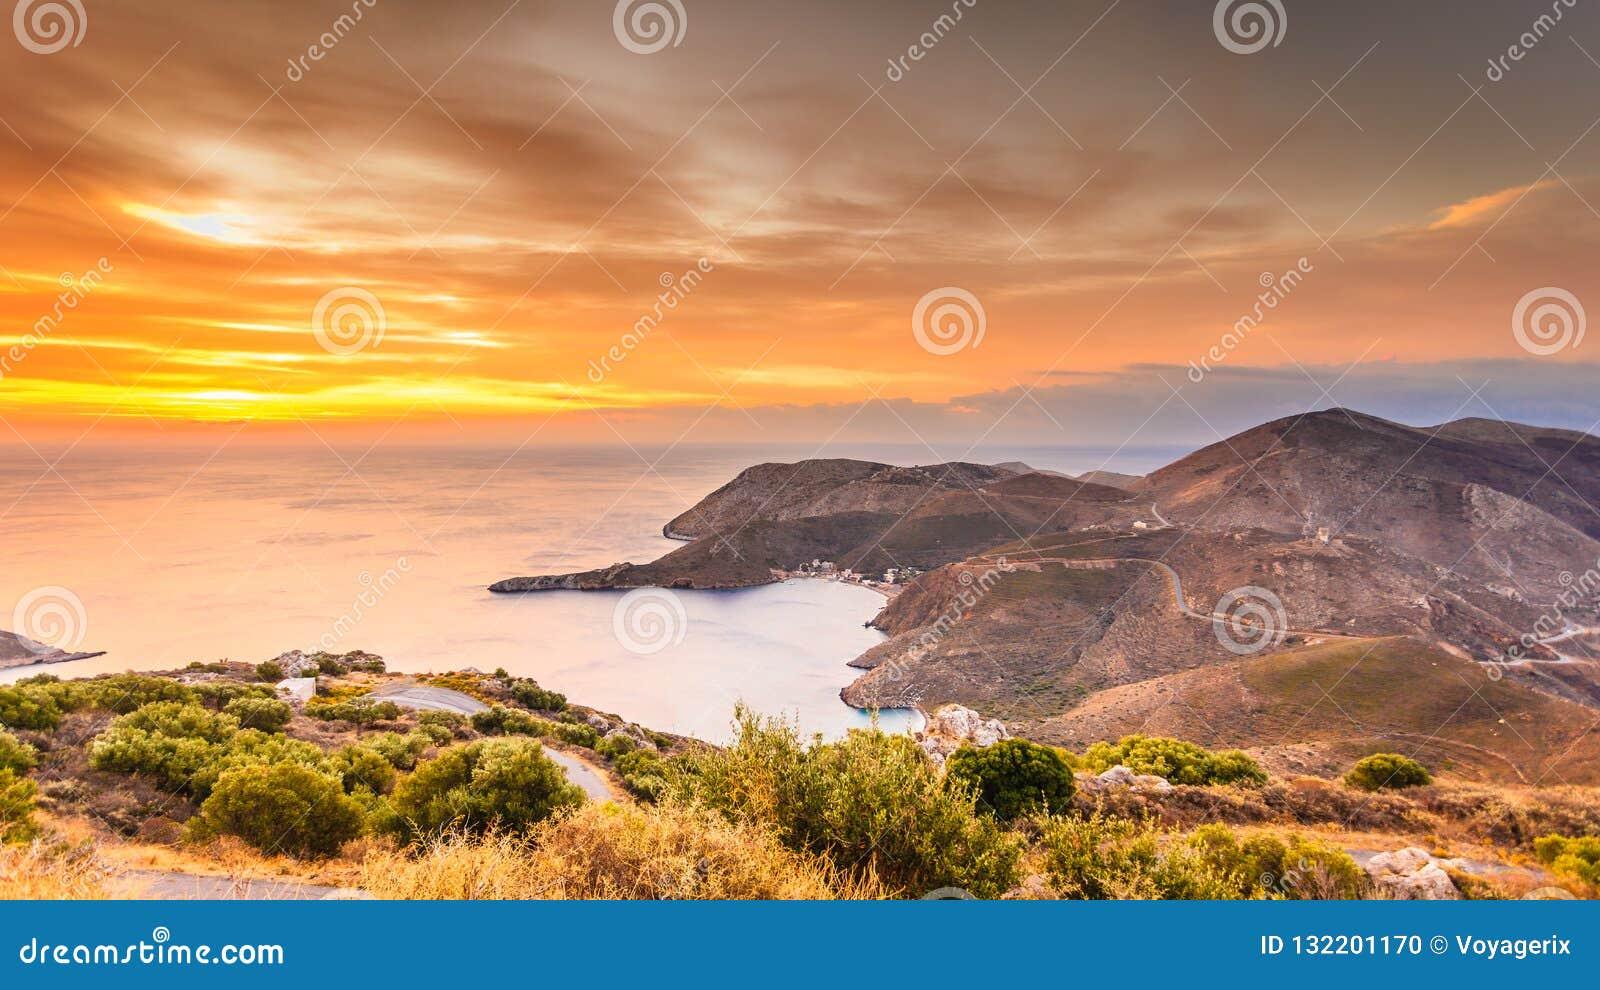 Griekse kustlijn op de Peloponnesus, Mani Peninsula